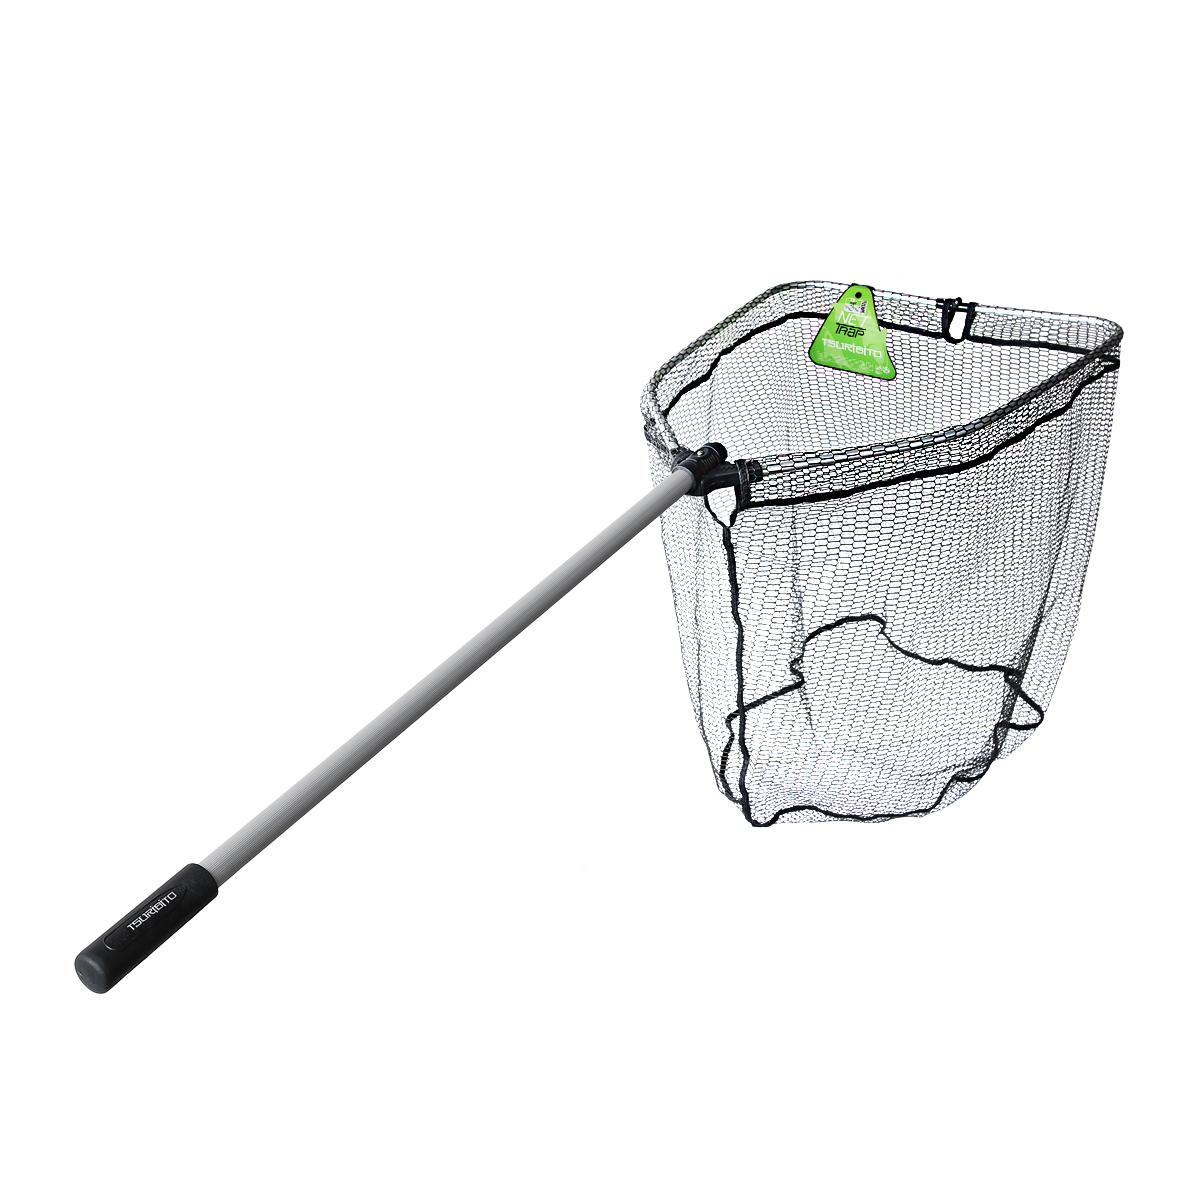 подсачники рыболовные телескопические для фидера